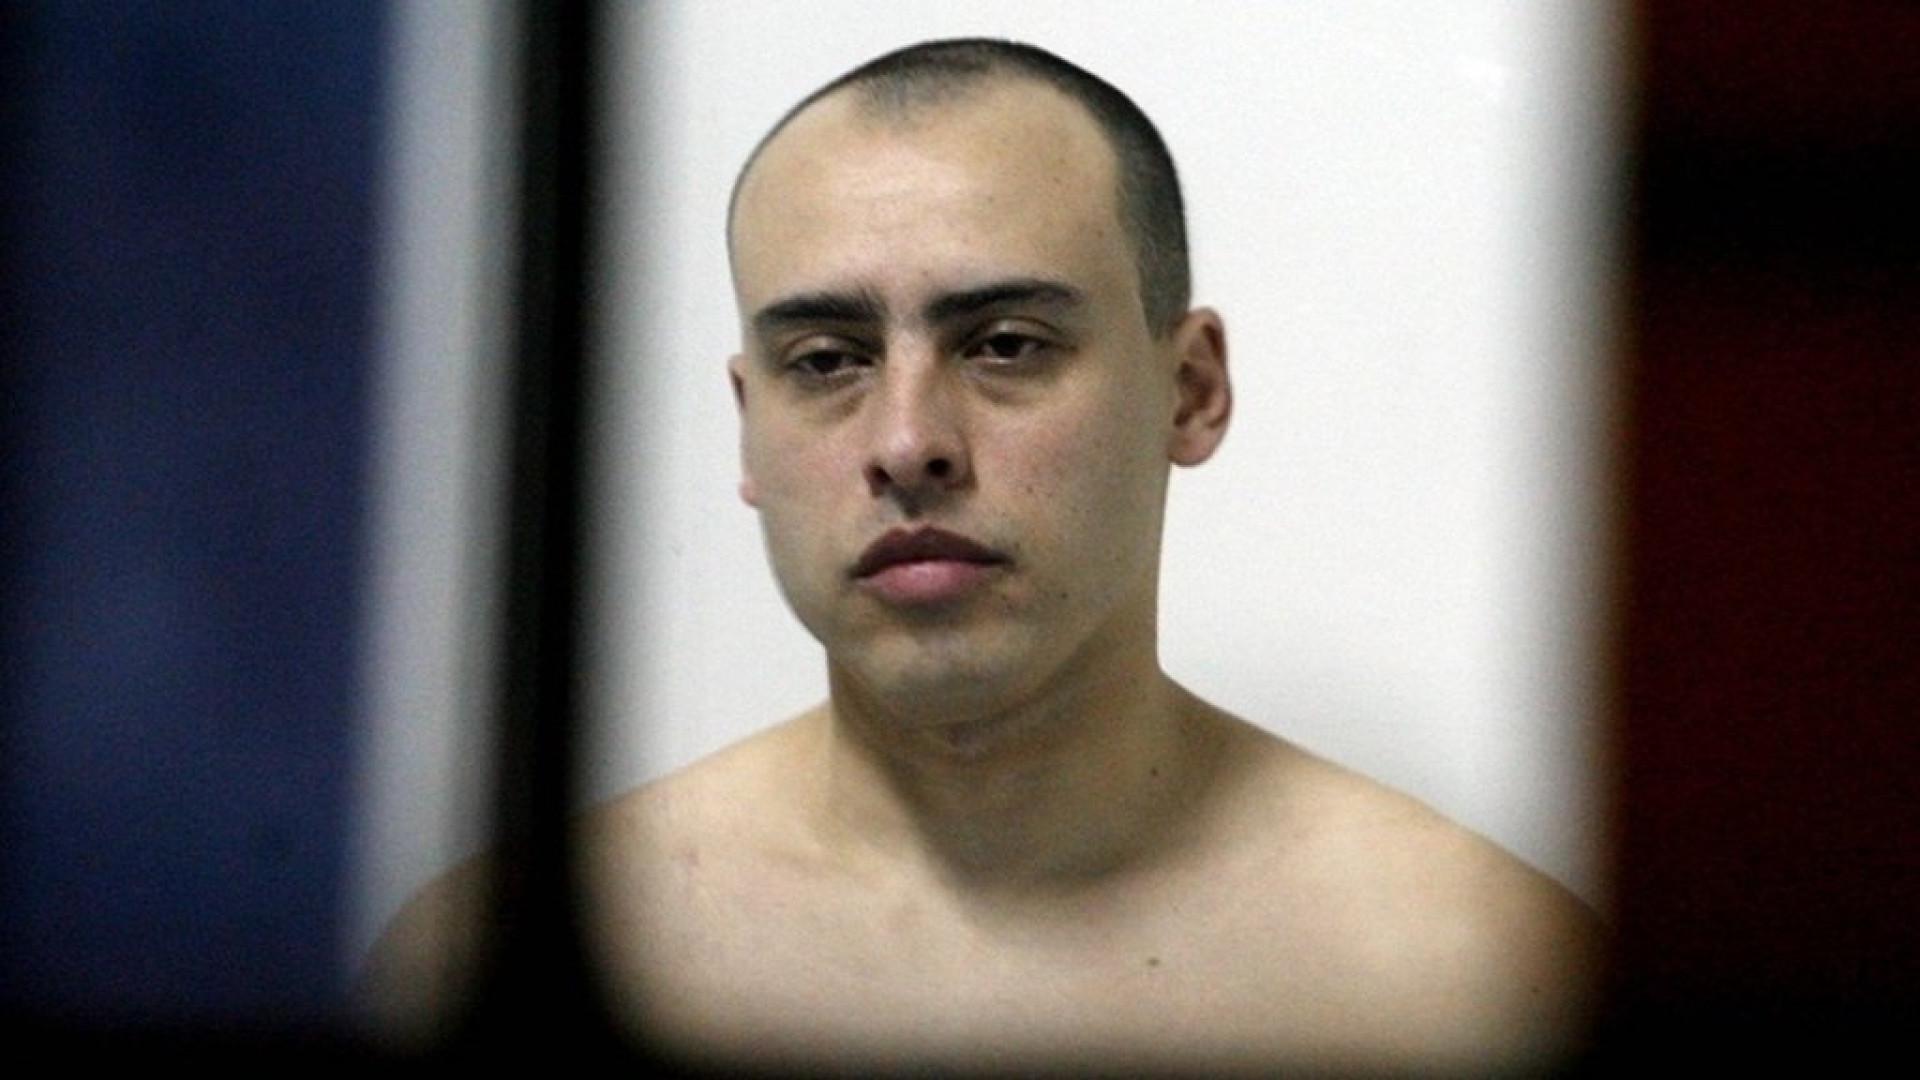 Alexandre Nardoni deixa prisão em SP pela primeira vez após 11 anos